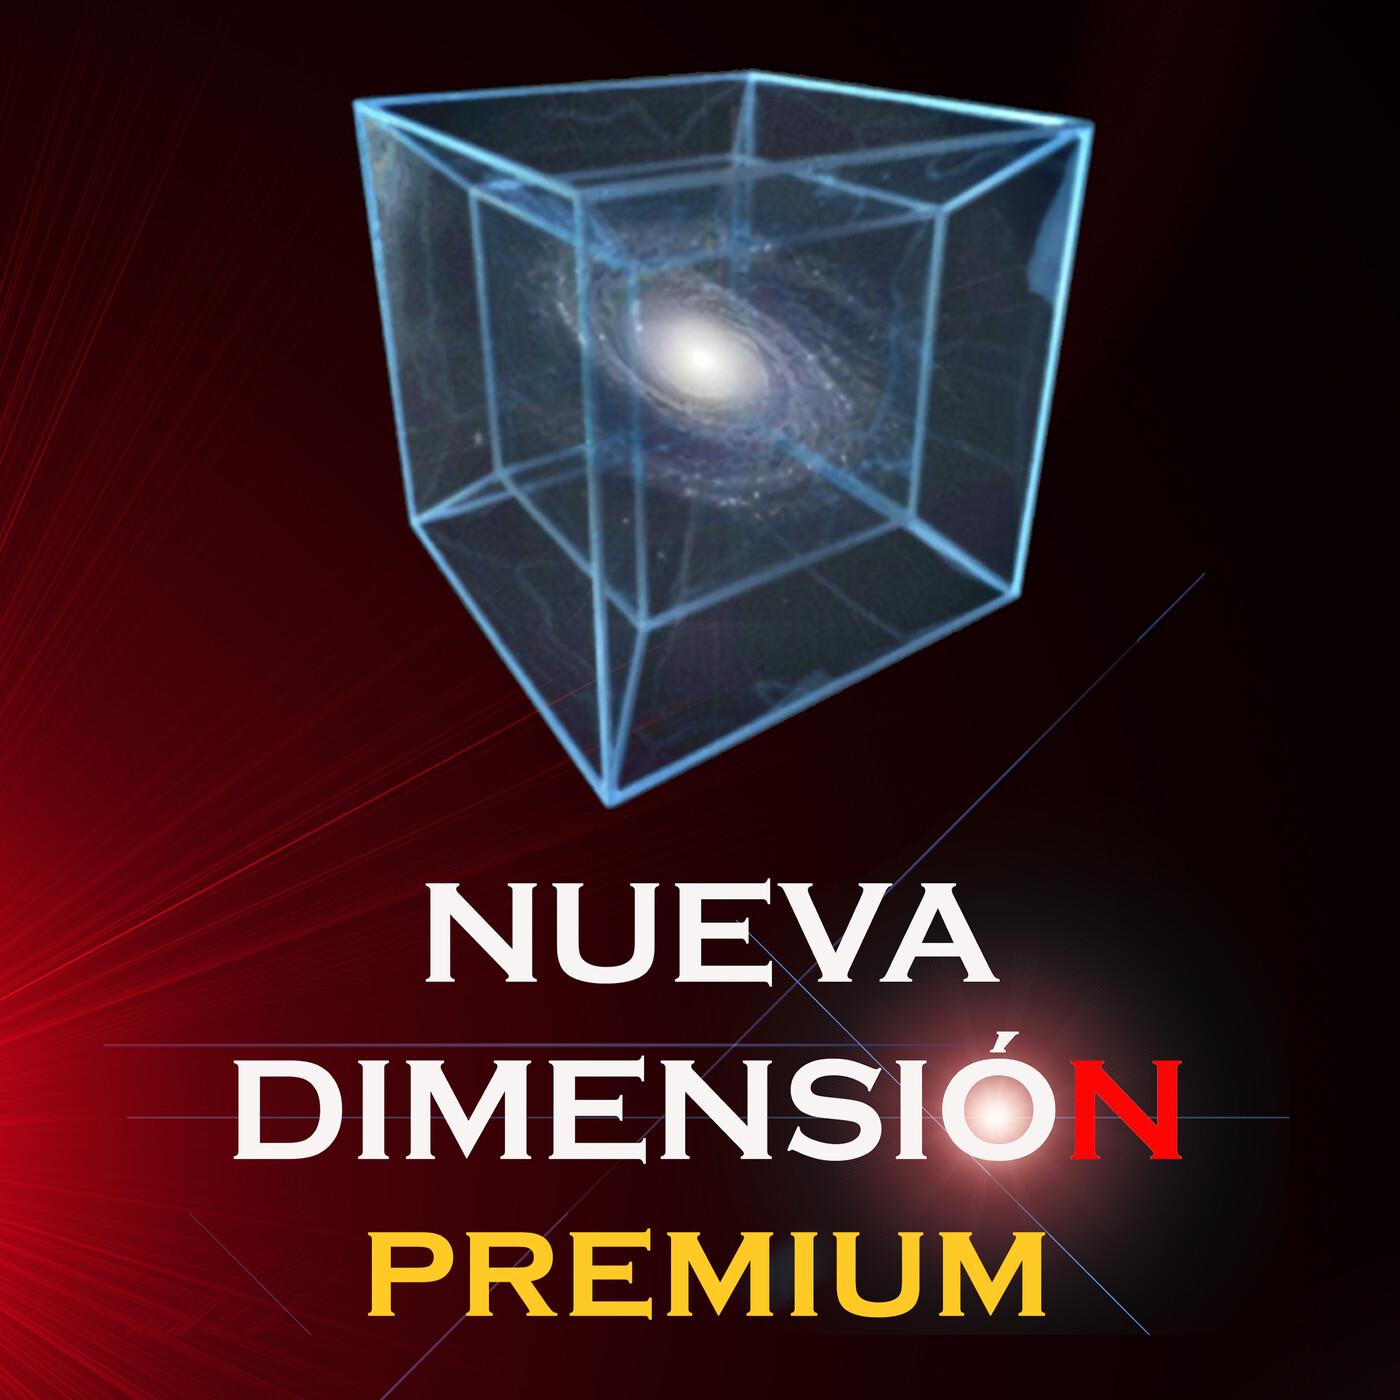 NUEVA DIMENSIÓN PREMIUM - (20x6)